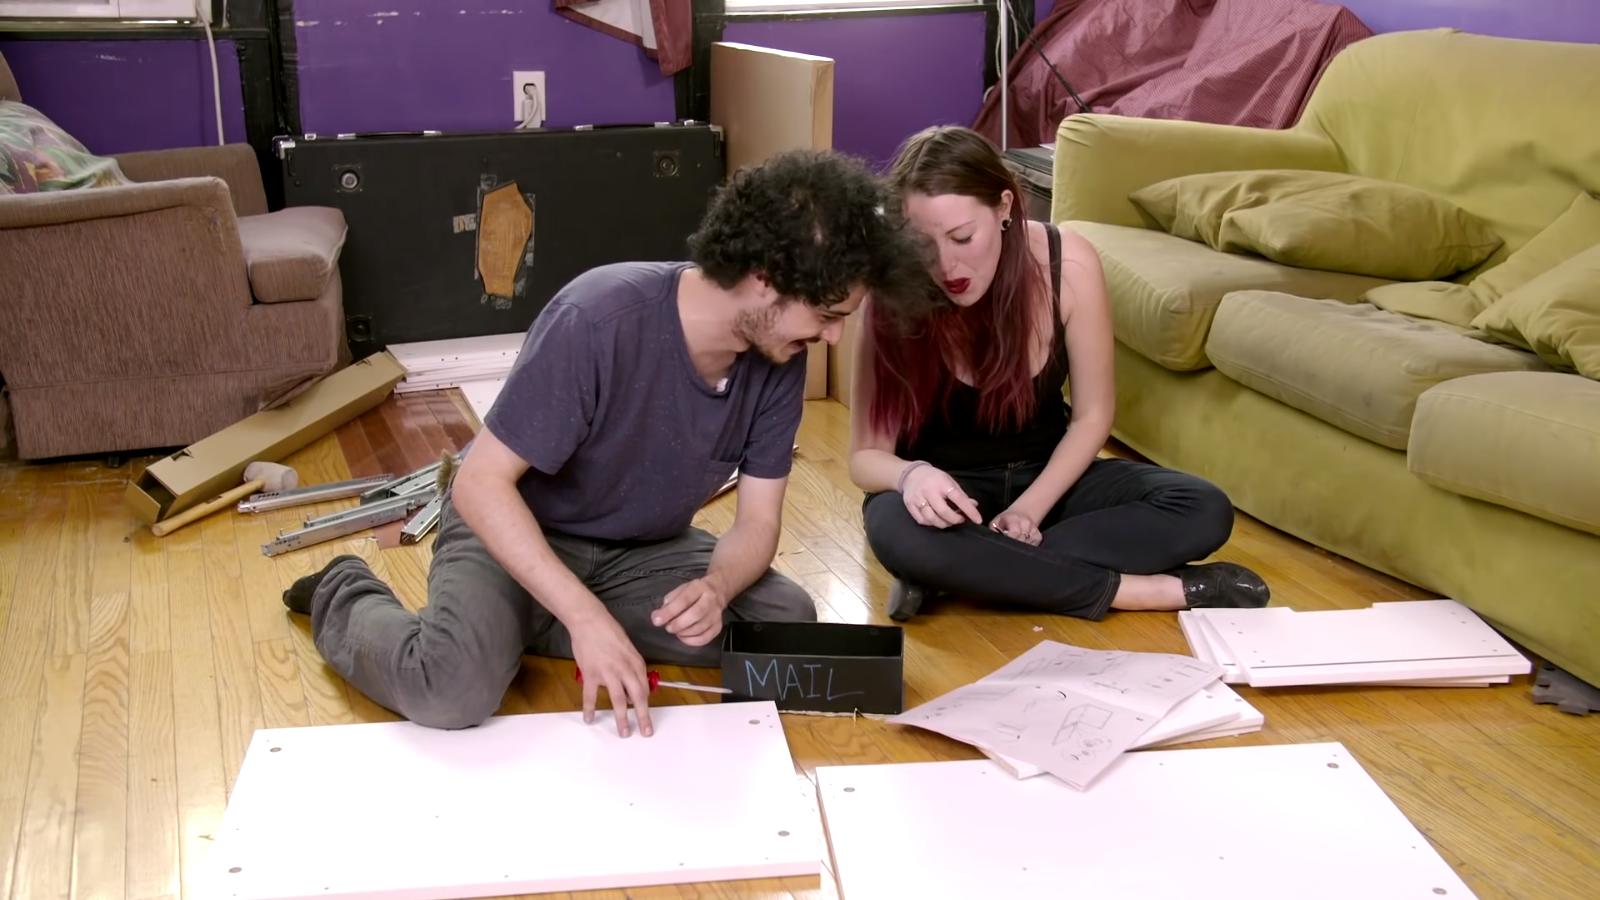 Egy új websorozatban ikeás bútorokat raknak össze a szereplők mindenféle drogokon